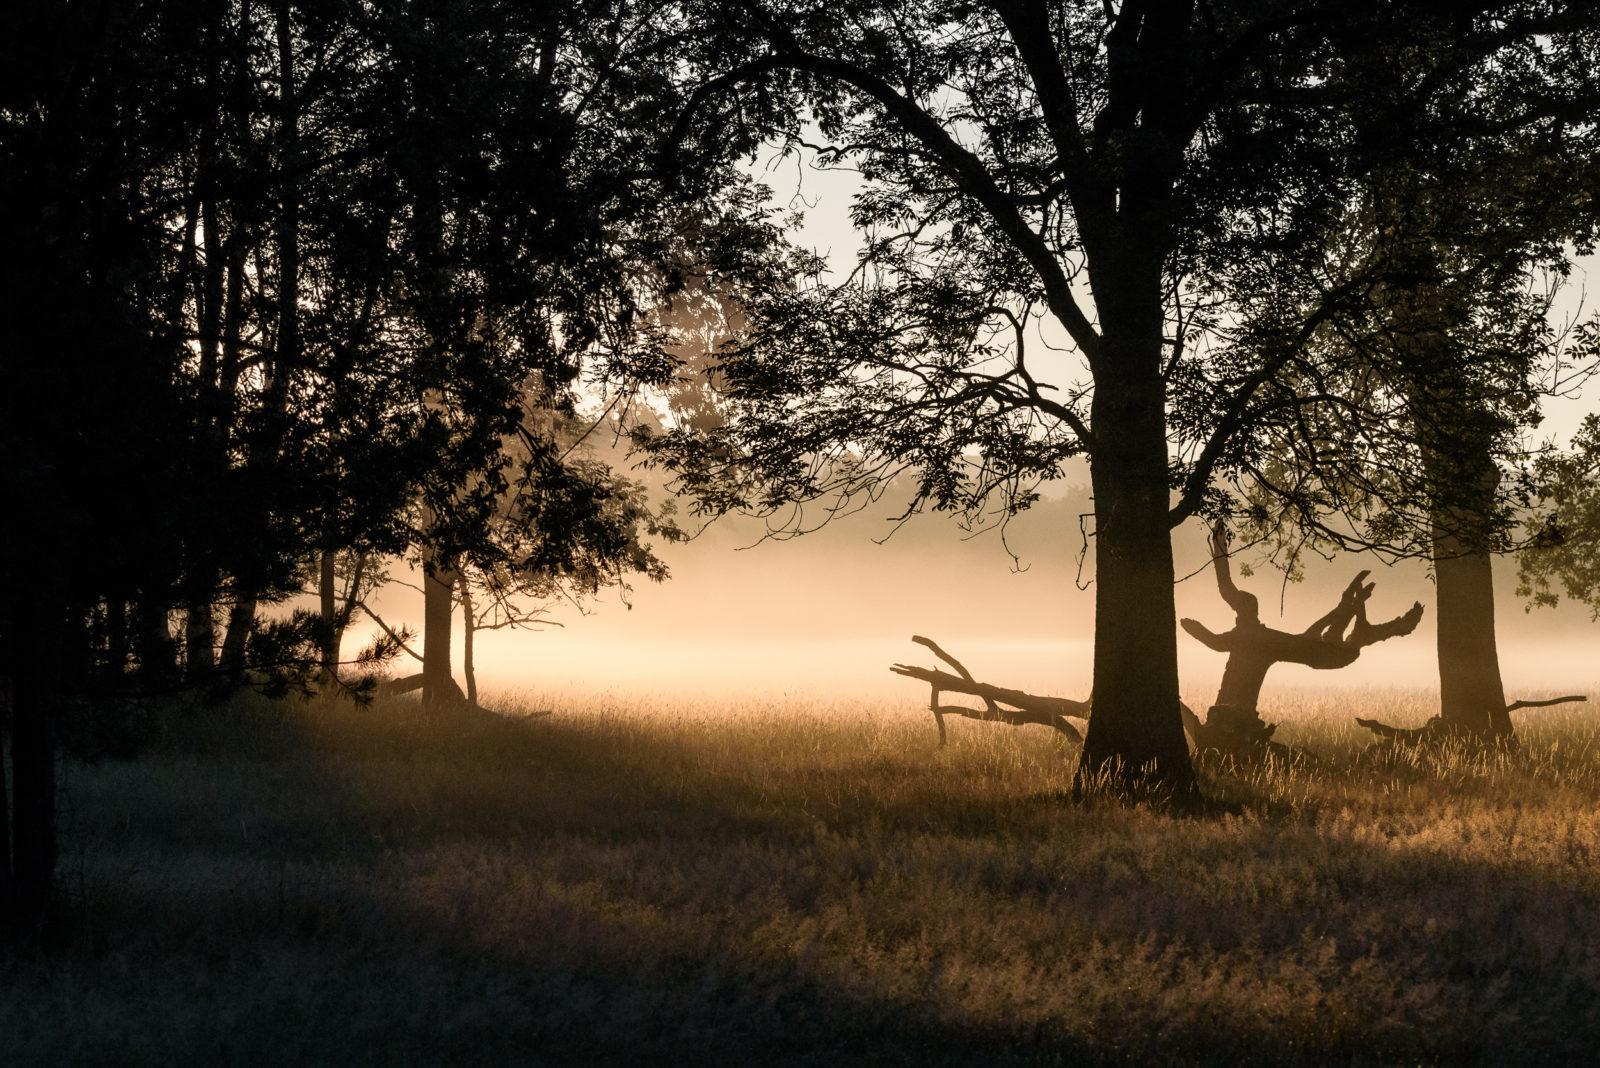 Nebel und Gegenlicht in der Senne - © H. J. Schalski